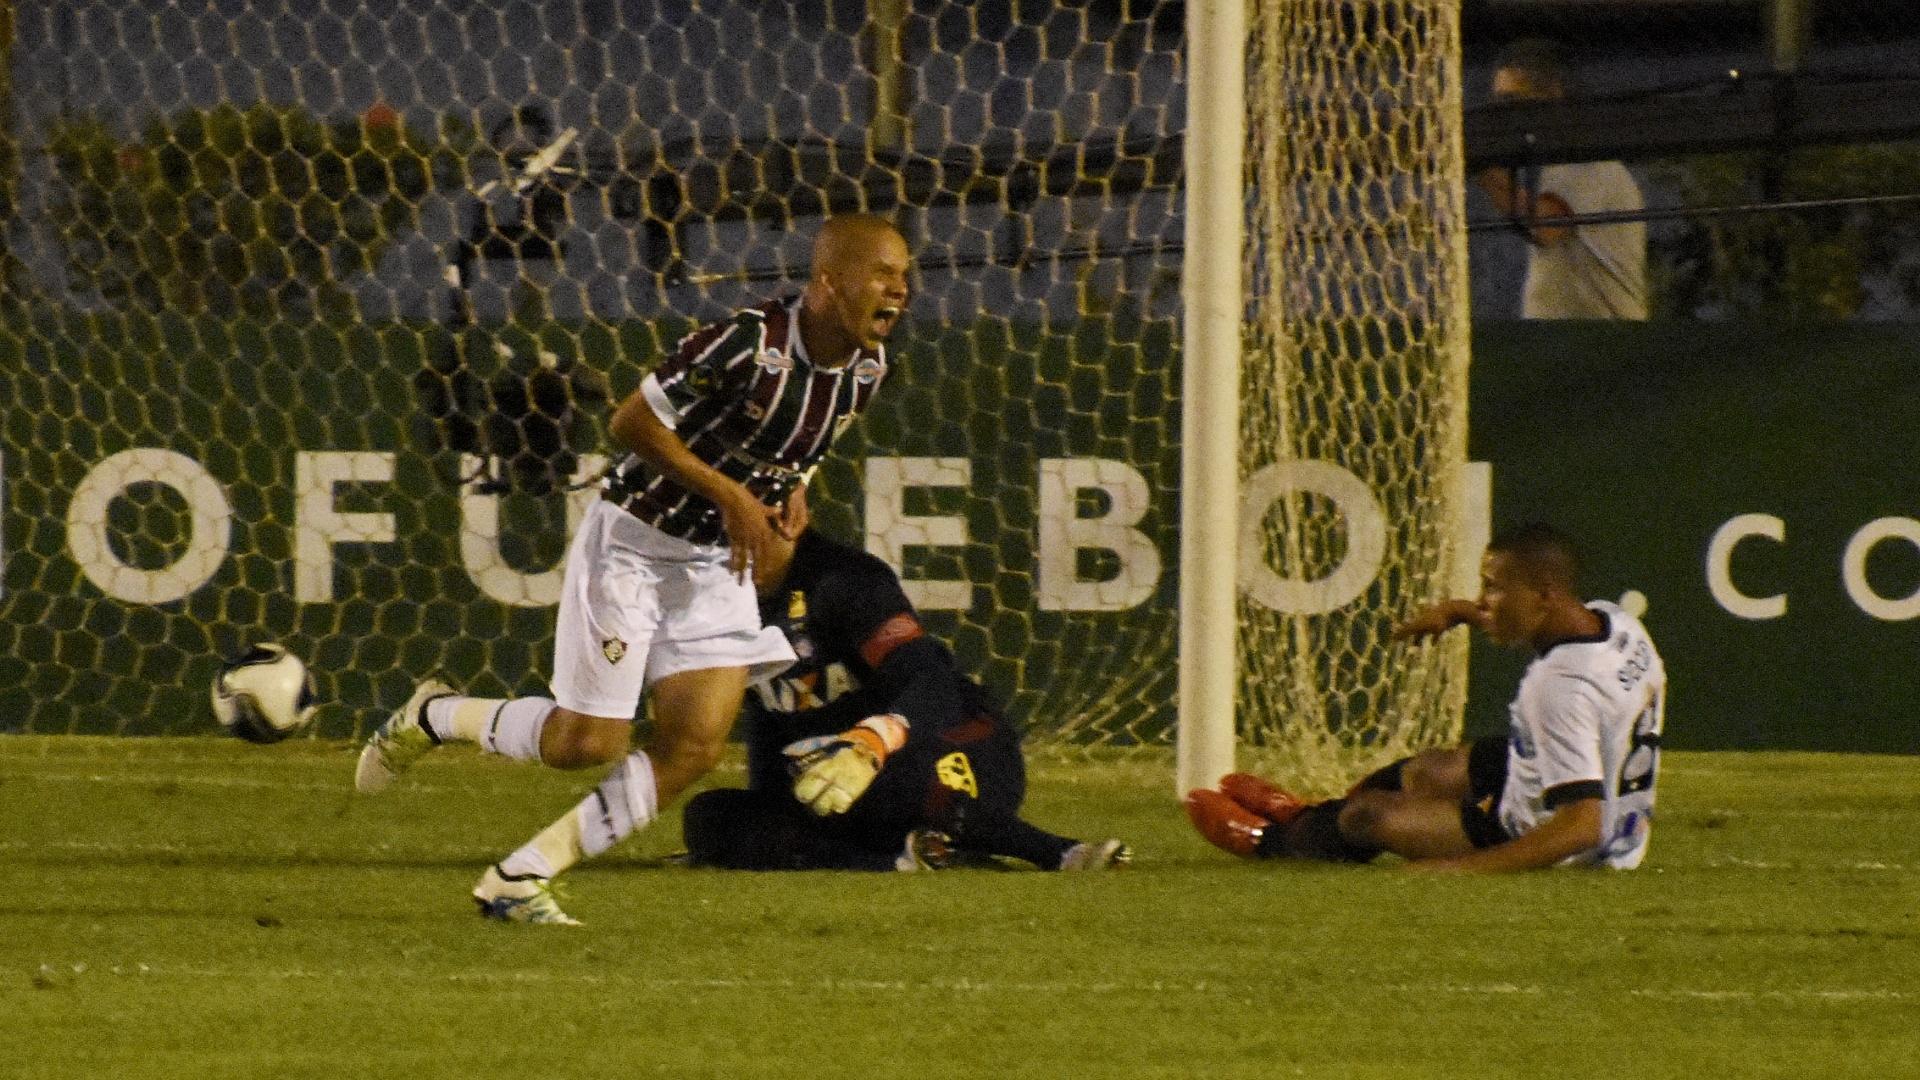 Marcos Júnior comemora o seu gol pelo Fluminense contra o Atlético-PR na Primeira Liga